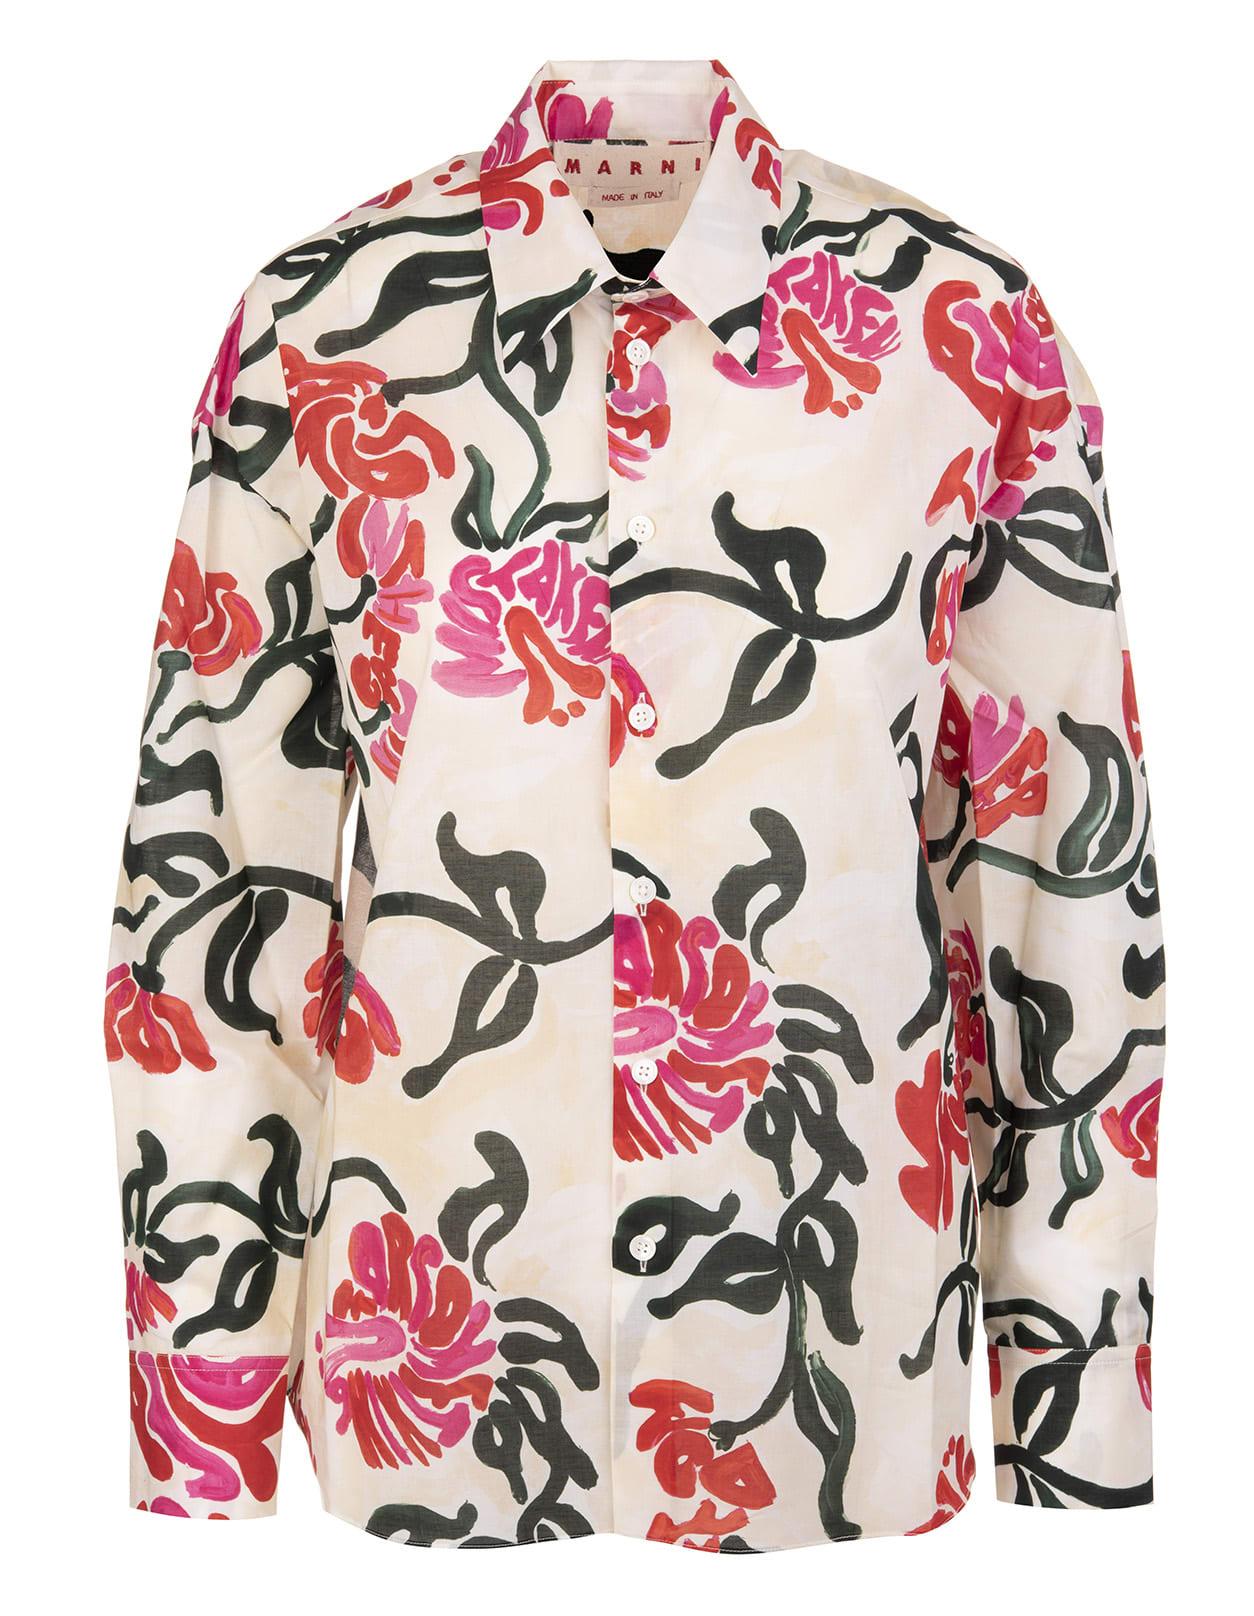 Marni Shirts FLORAL-PRINT LONG-SLEEVE SHIRT